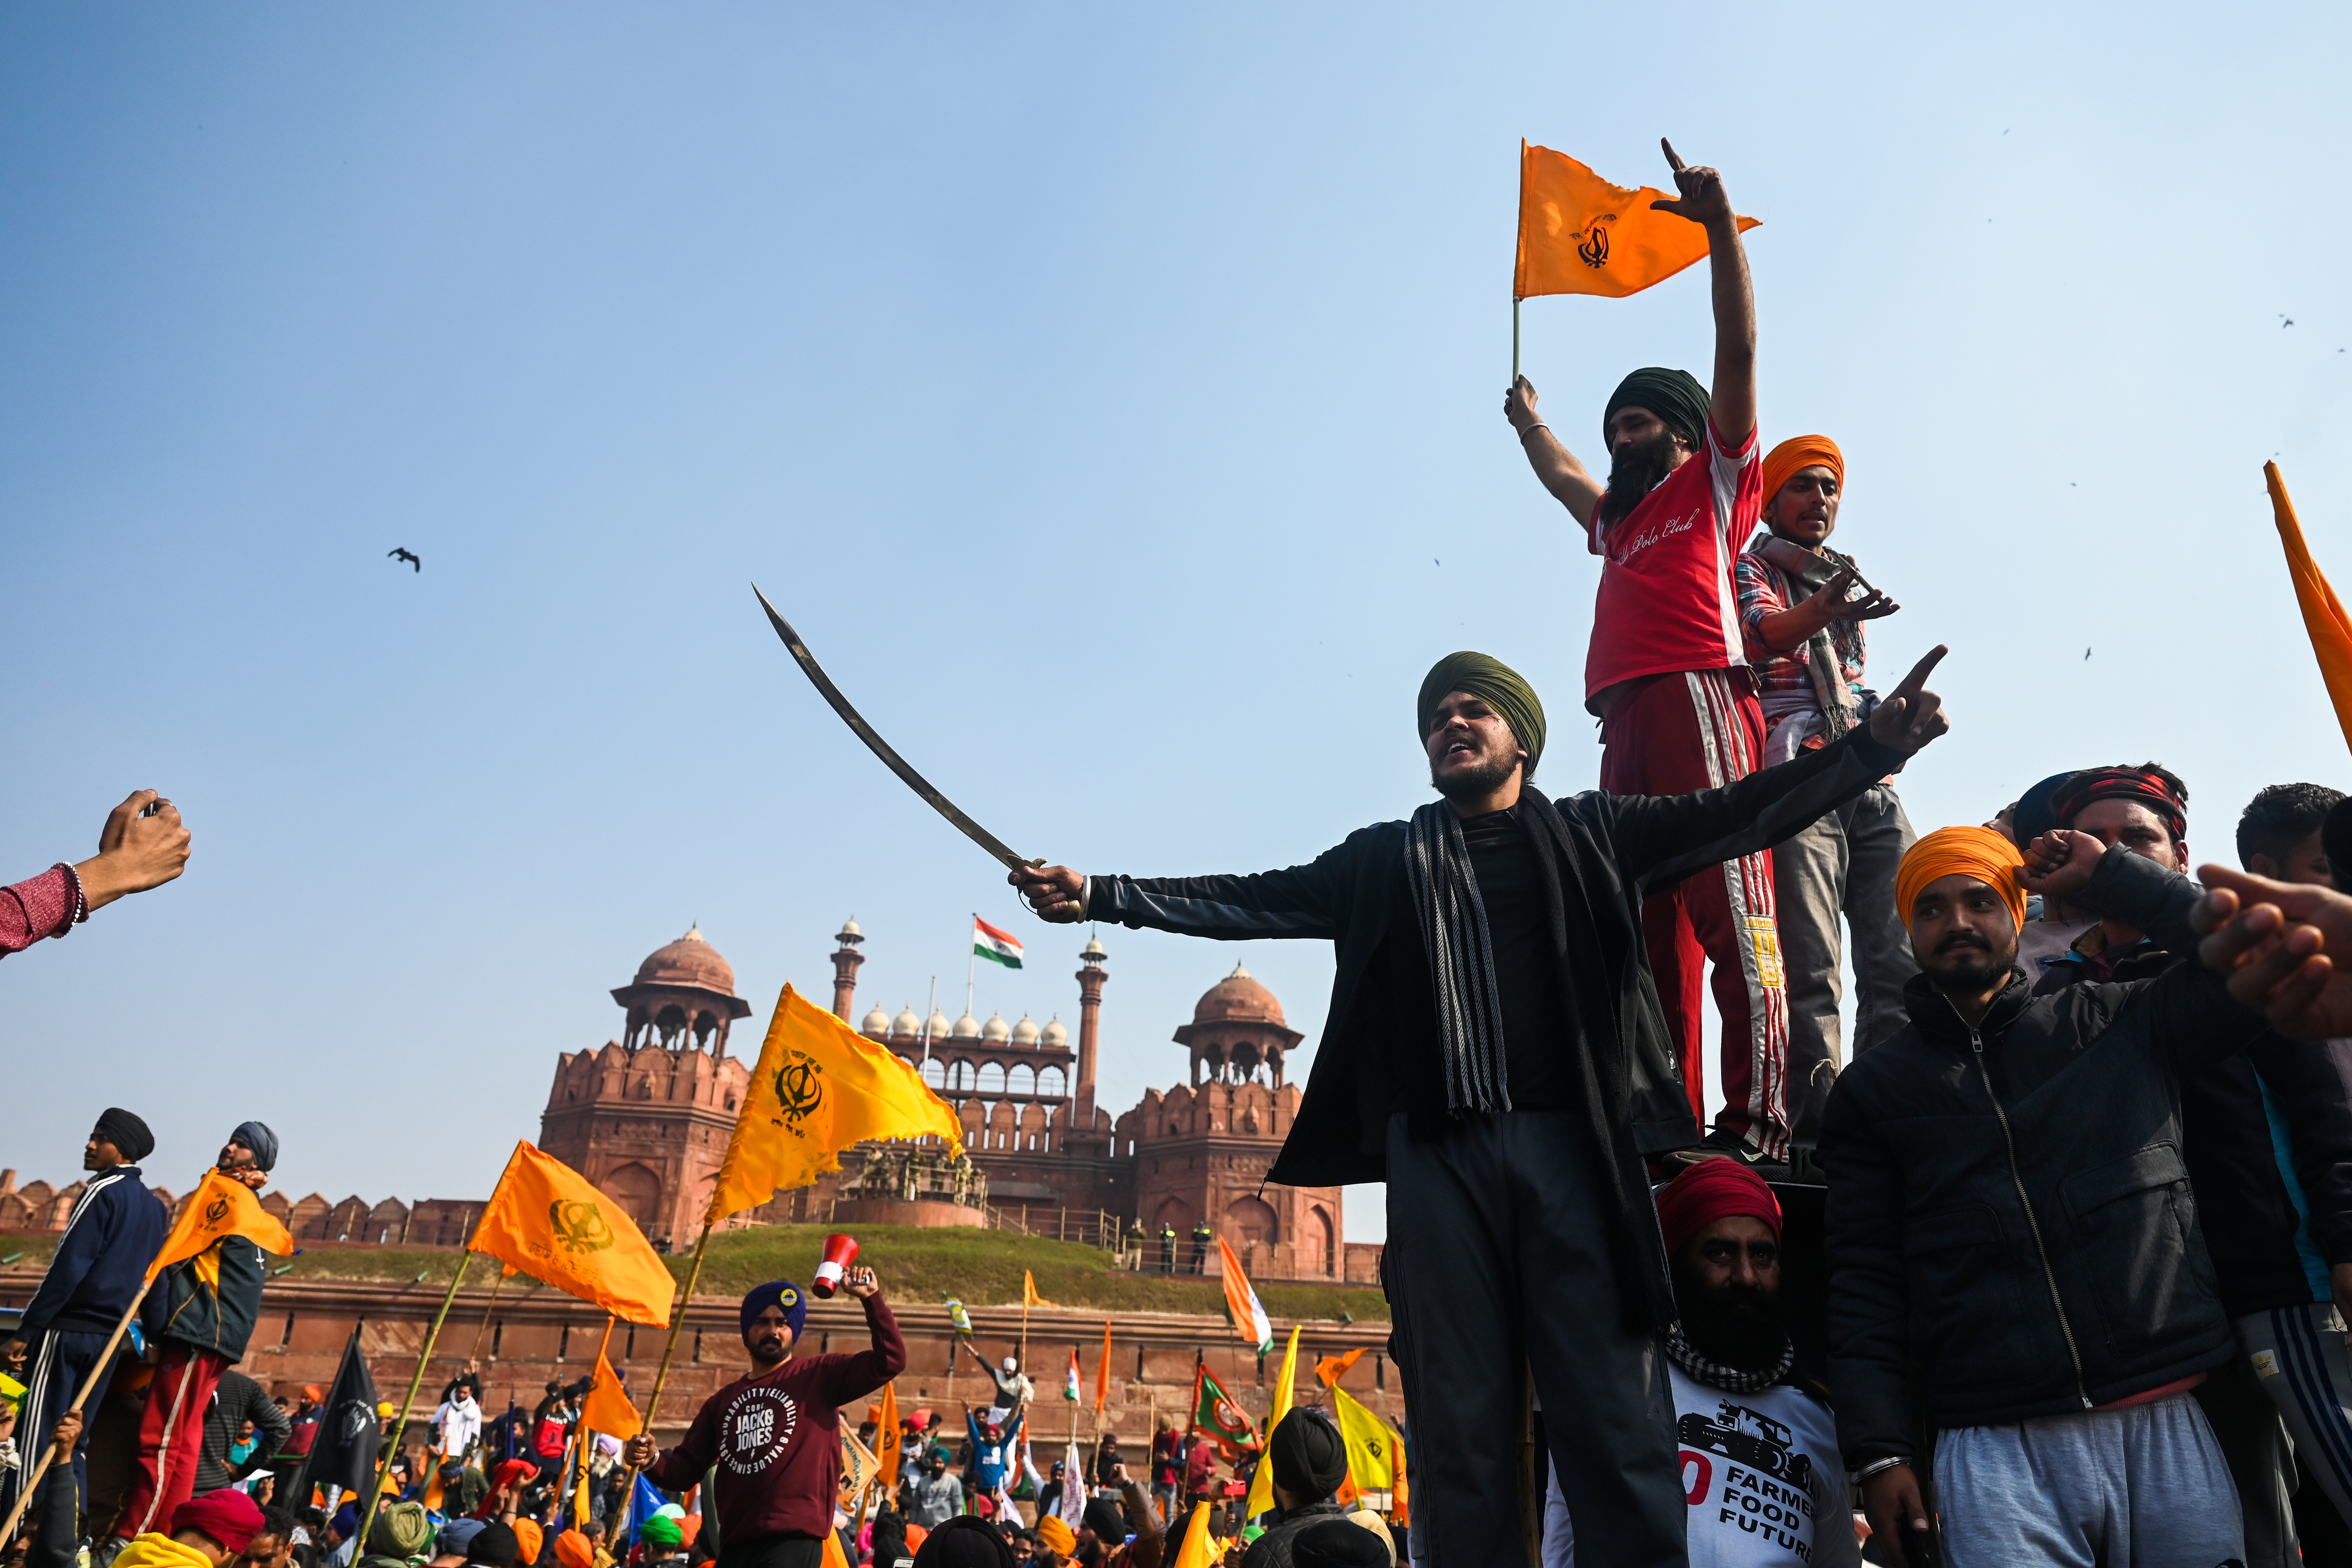 Százezrek az utcán, erőszak, vízágyú és könnygáz Delhiben